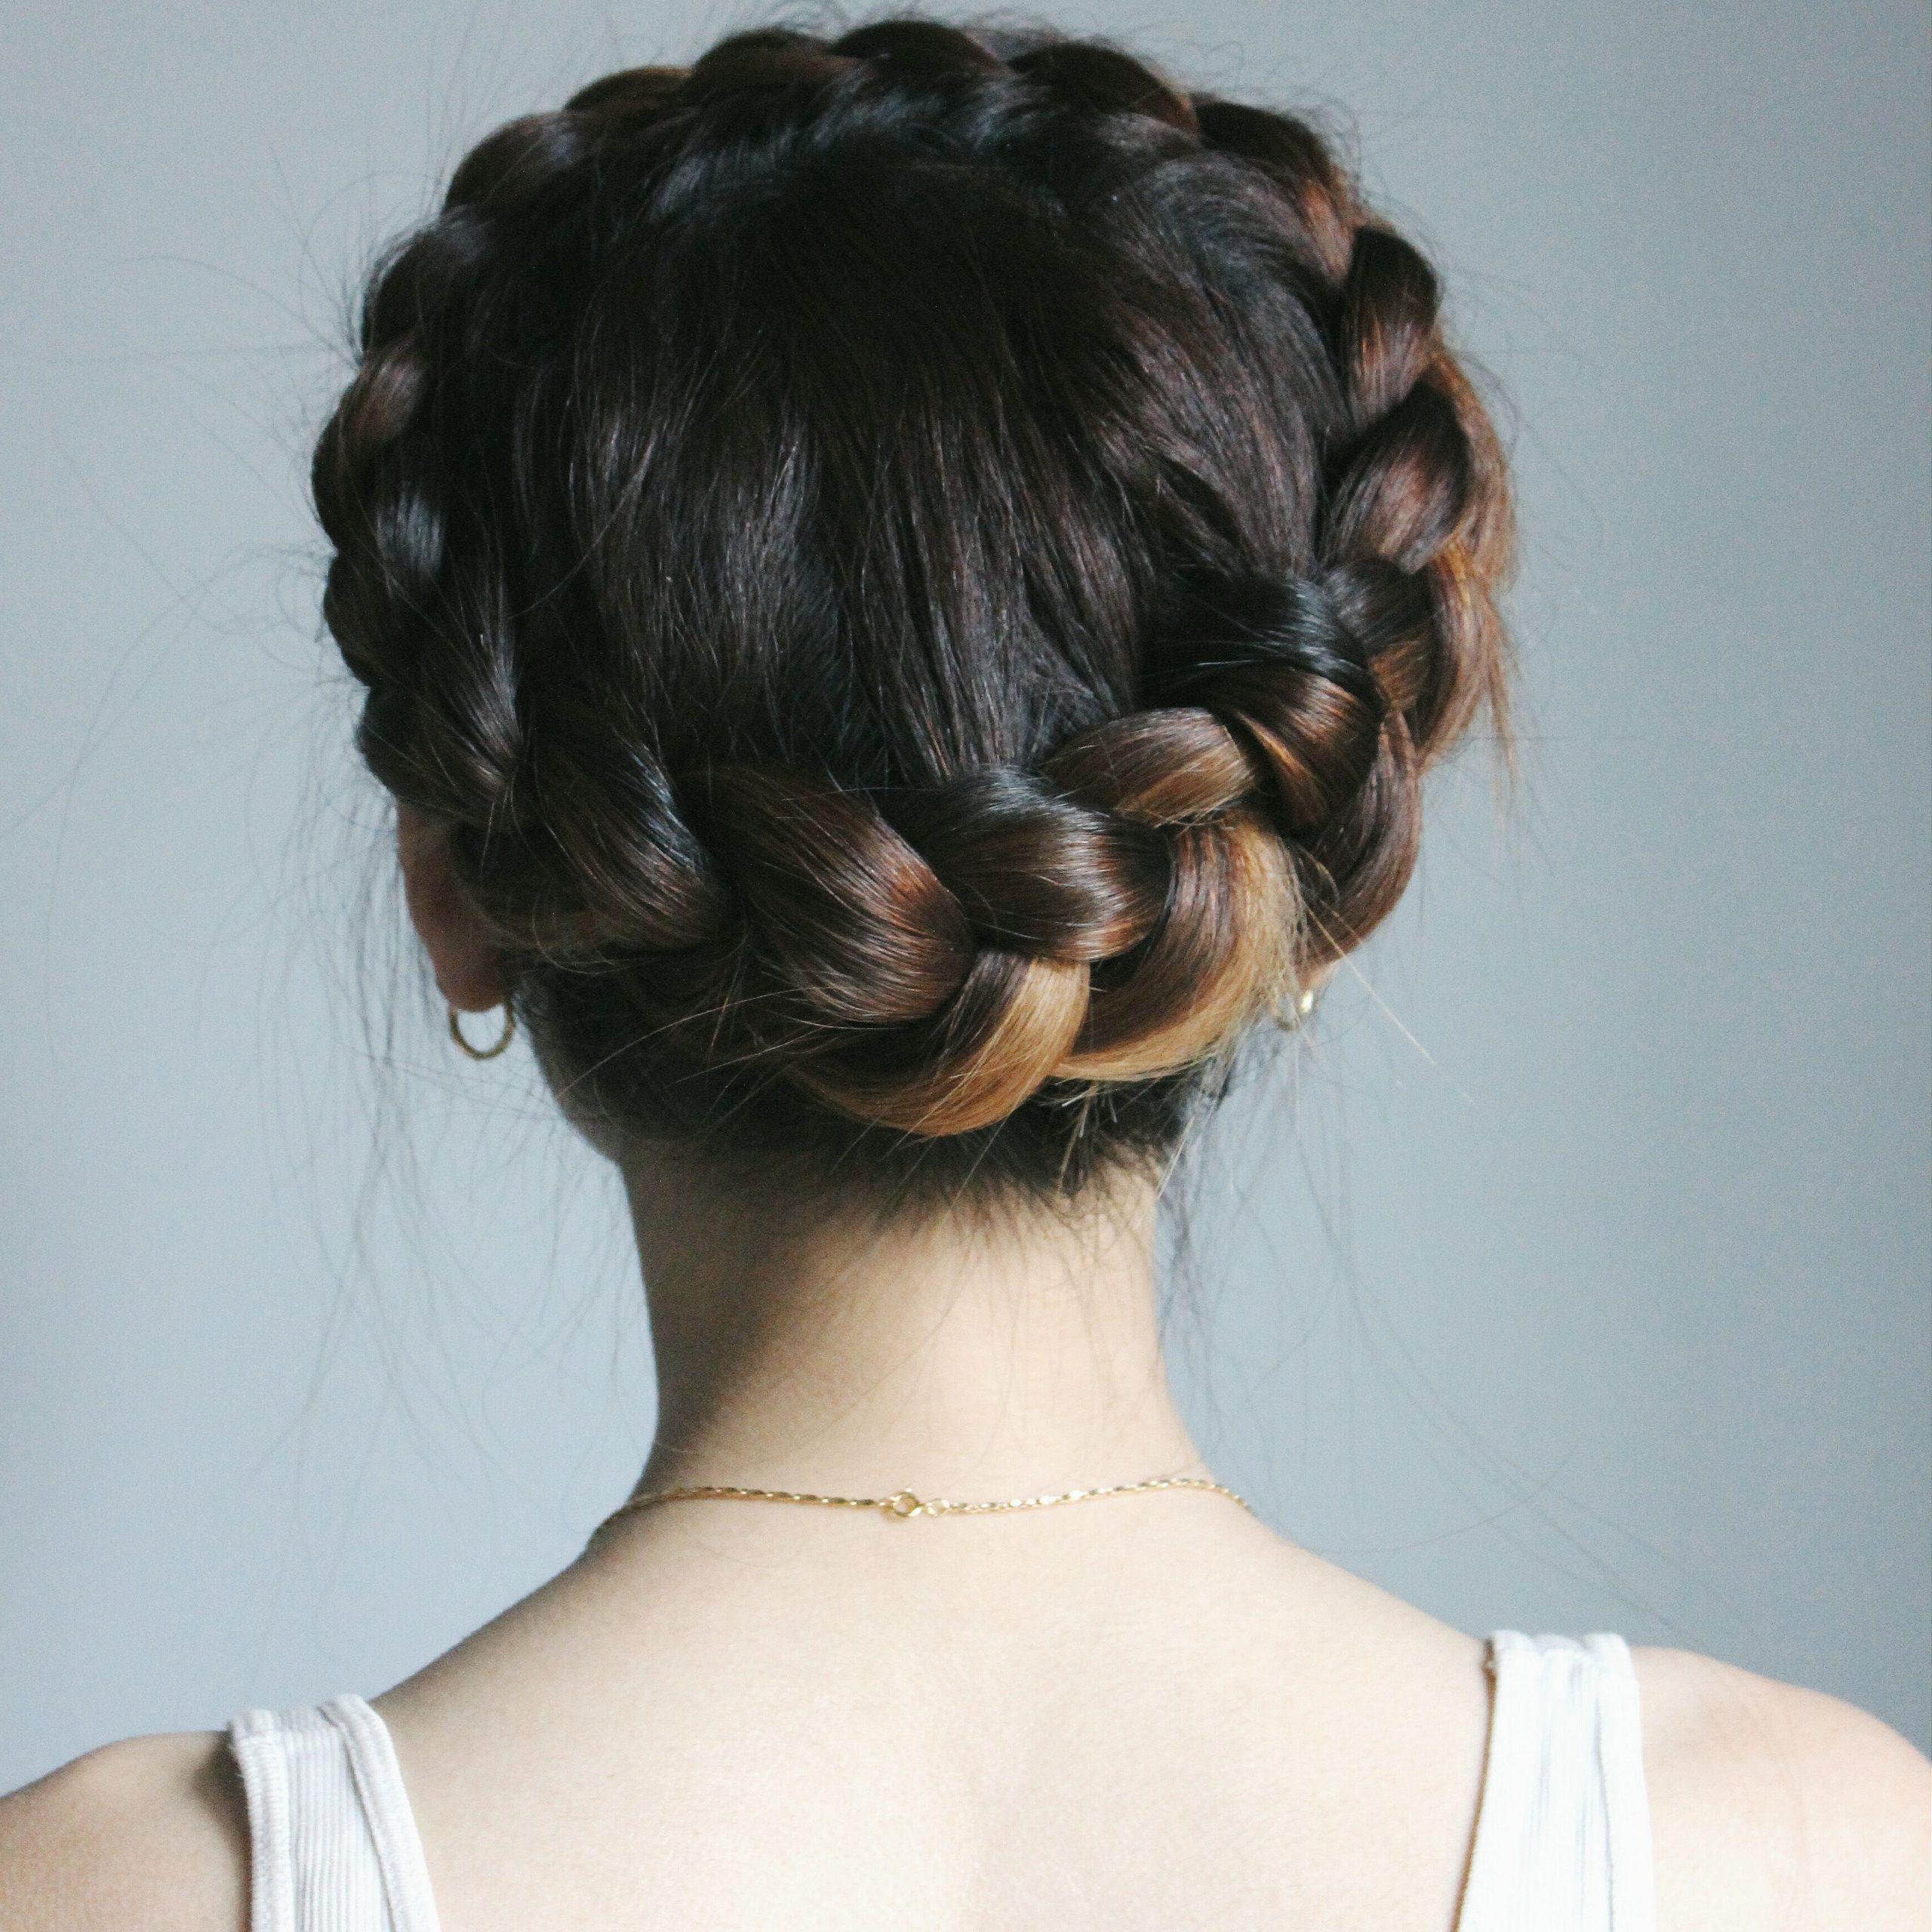 Braids For Short Regarding Trendy Milkmaid Crown Braids Hairstyles (View 4 of 20)